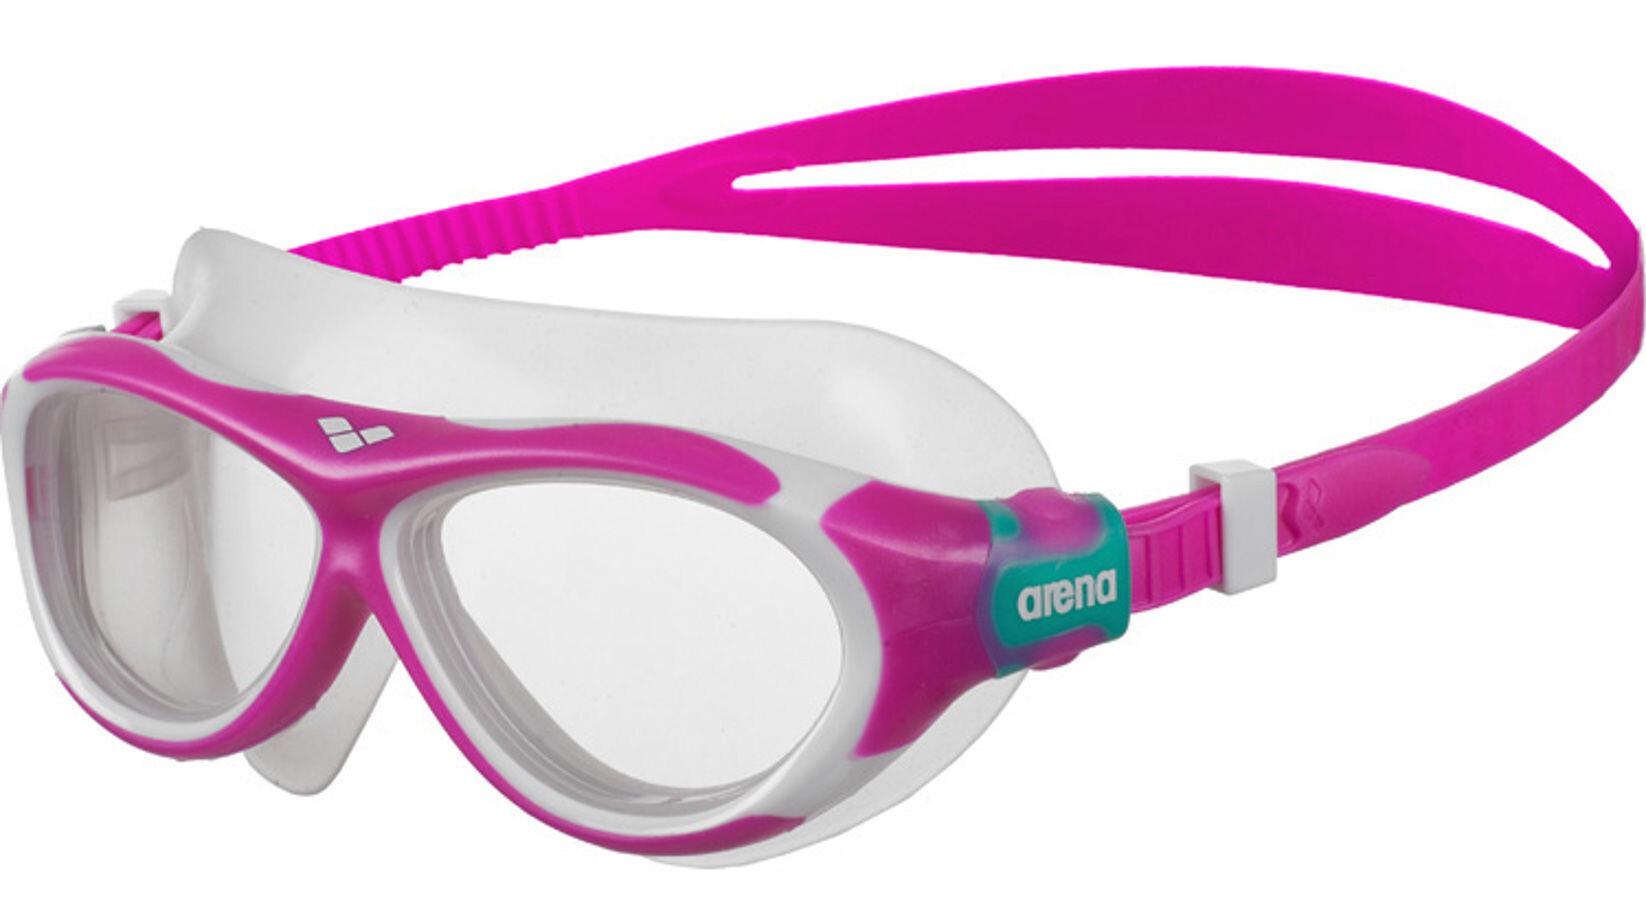 arena Oblo Svømmebriller Børn, pink-clear | Svømmetøj og udstyr